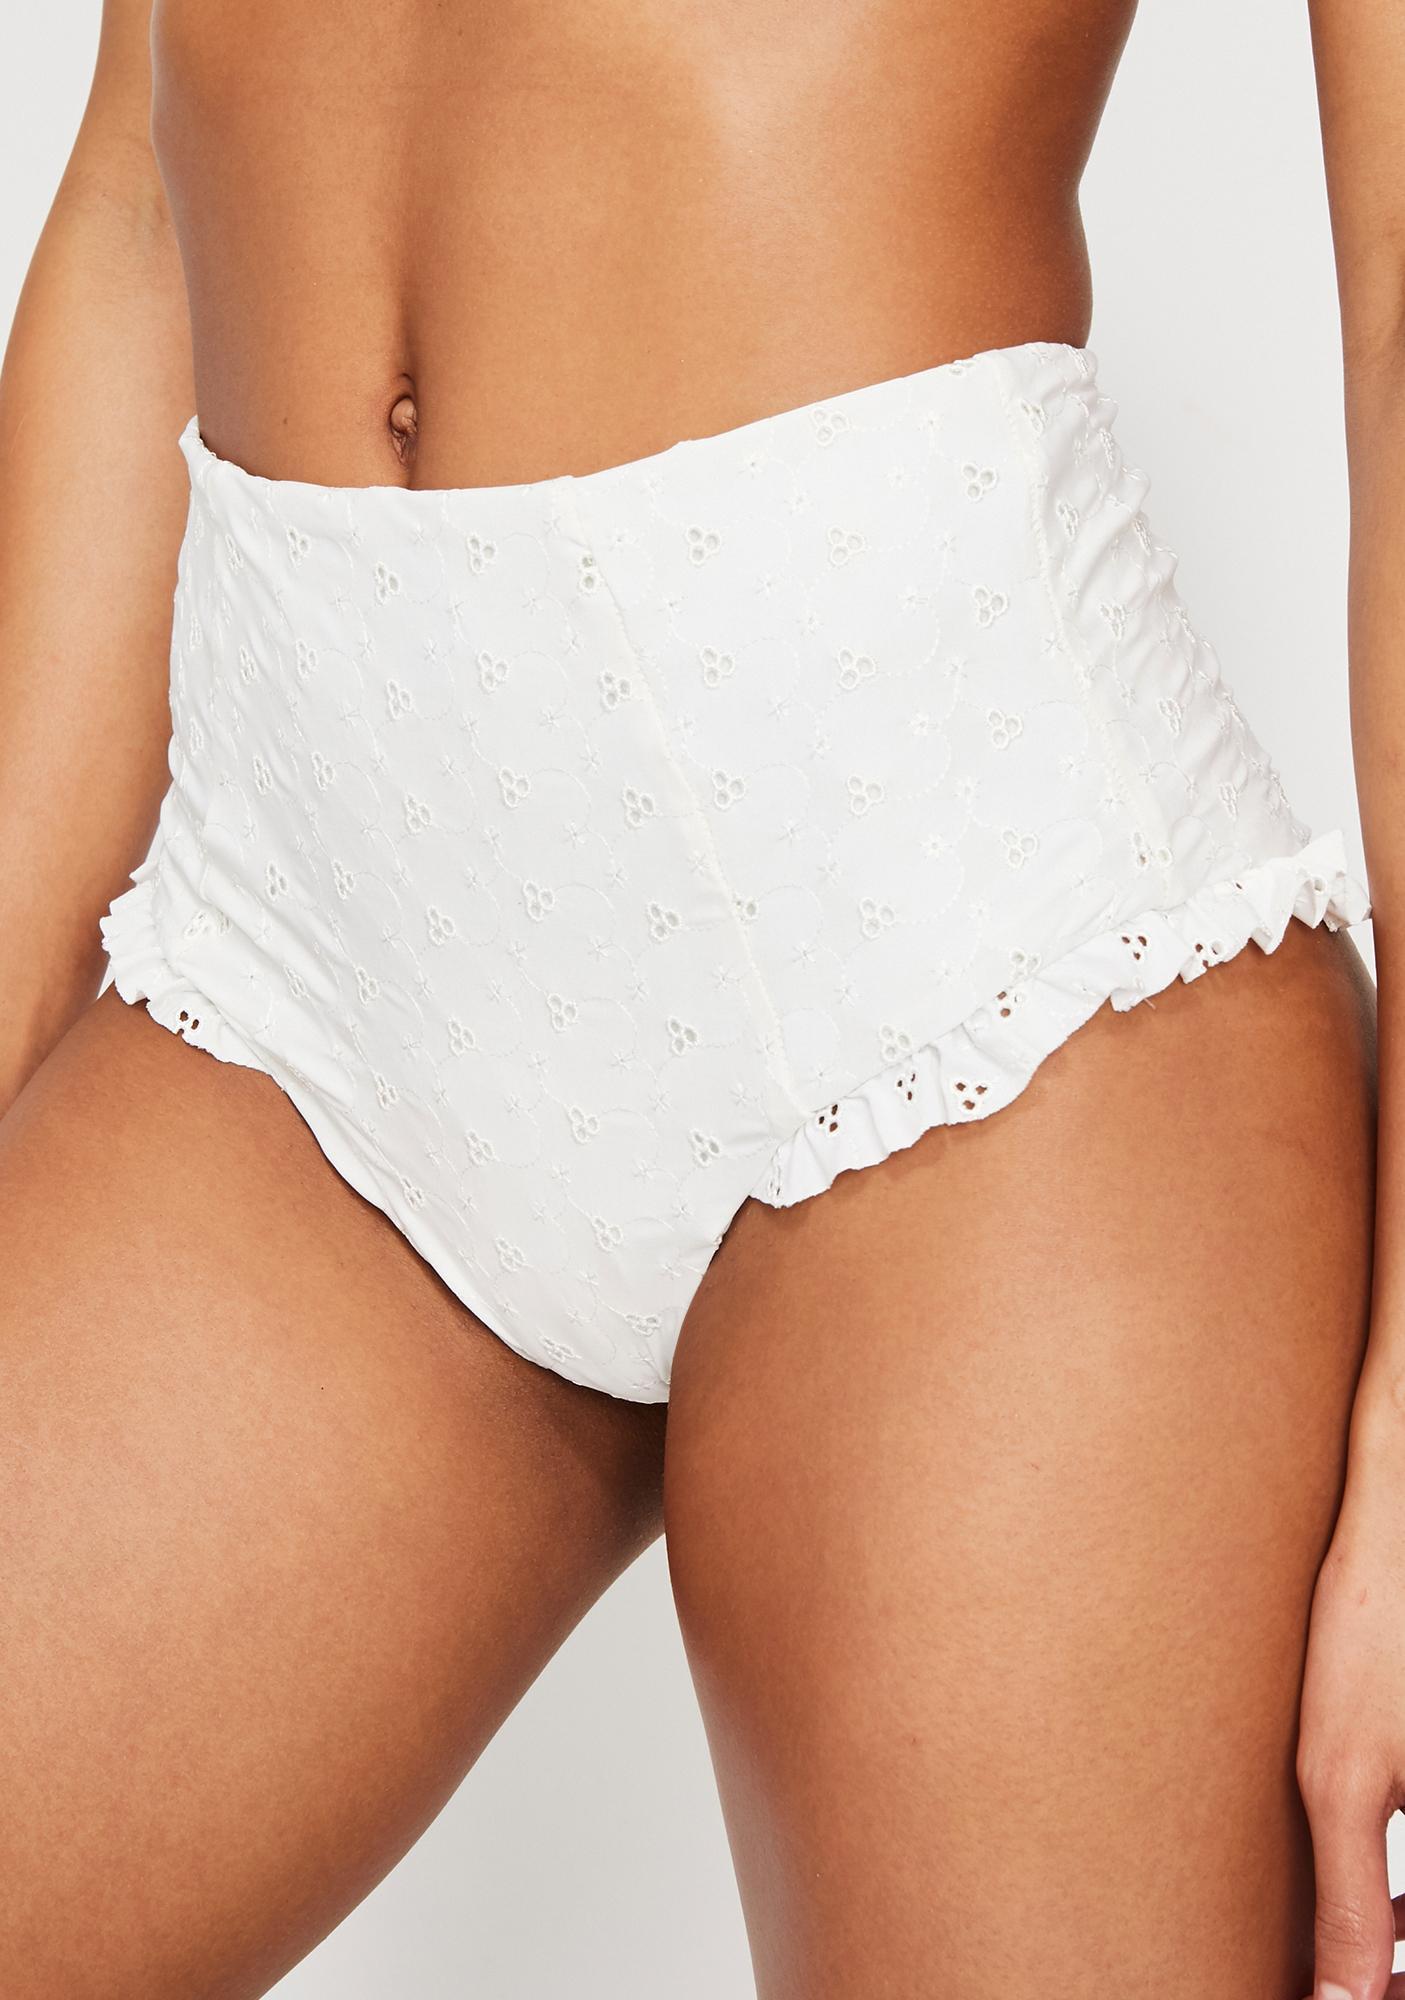 Dippin' Daisy's Ruffle Leg High Waist Bikini Bottoms